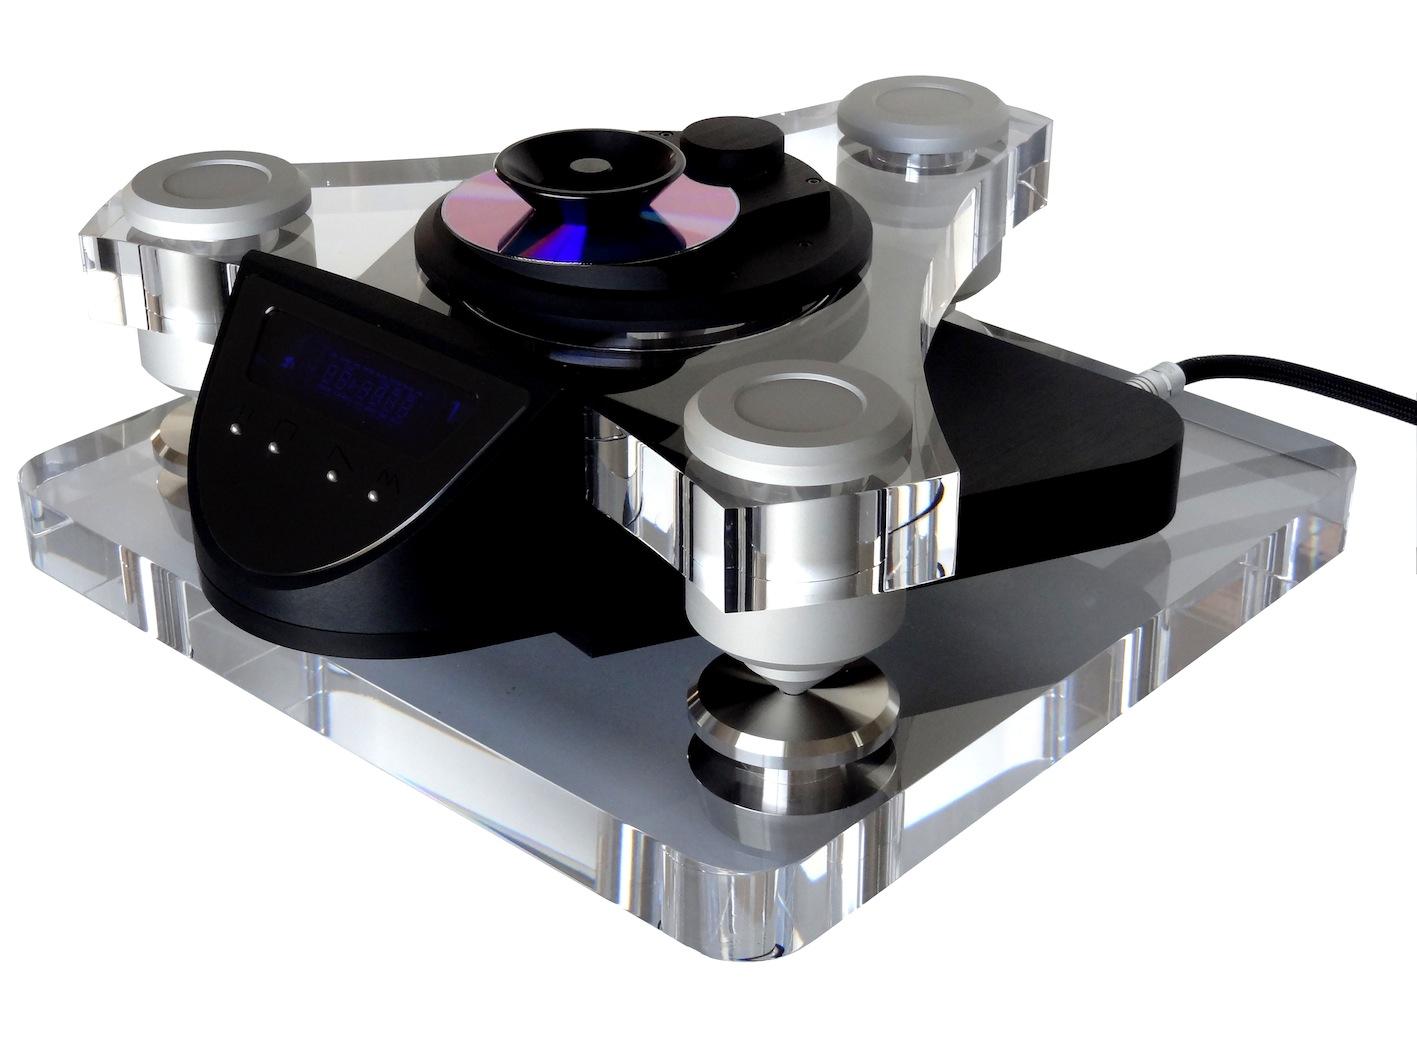 haute fidelite news nouveaut salon metronome technologie. Black Bedroom Furniture Sets. Home Design Ideas